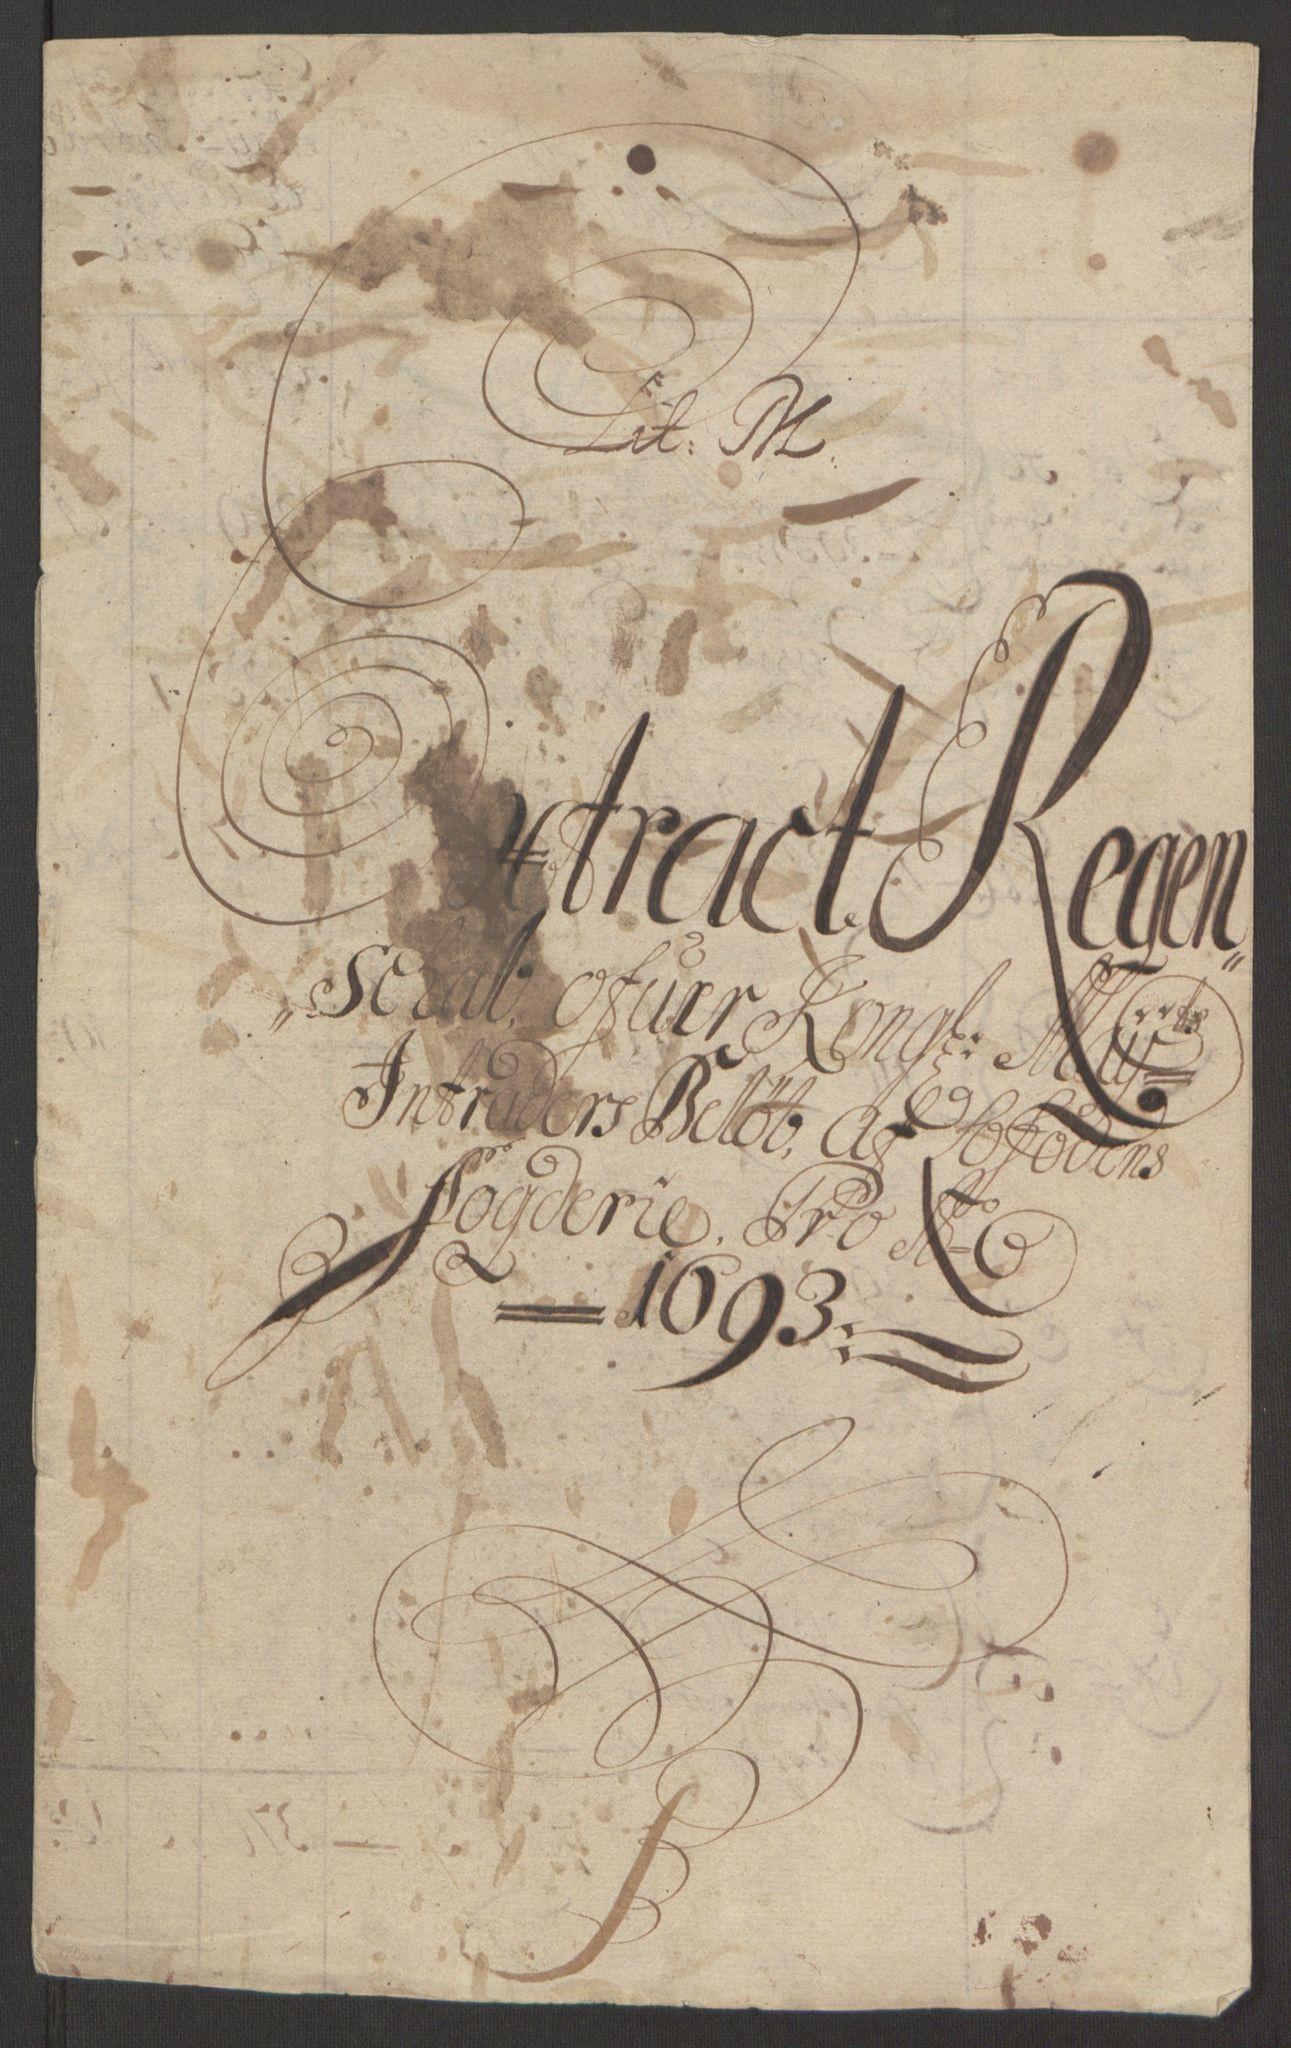 RA, Rentekammeret inntil 1814, Reviderte regnskaper, Fogderegnskap, R67/L4675: Fogderegnskap Vesterålen, Andenes og Lofoten, 1691-1693, s. 223